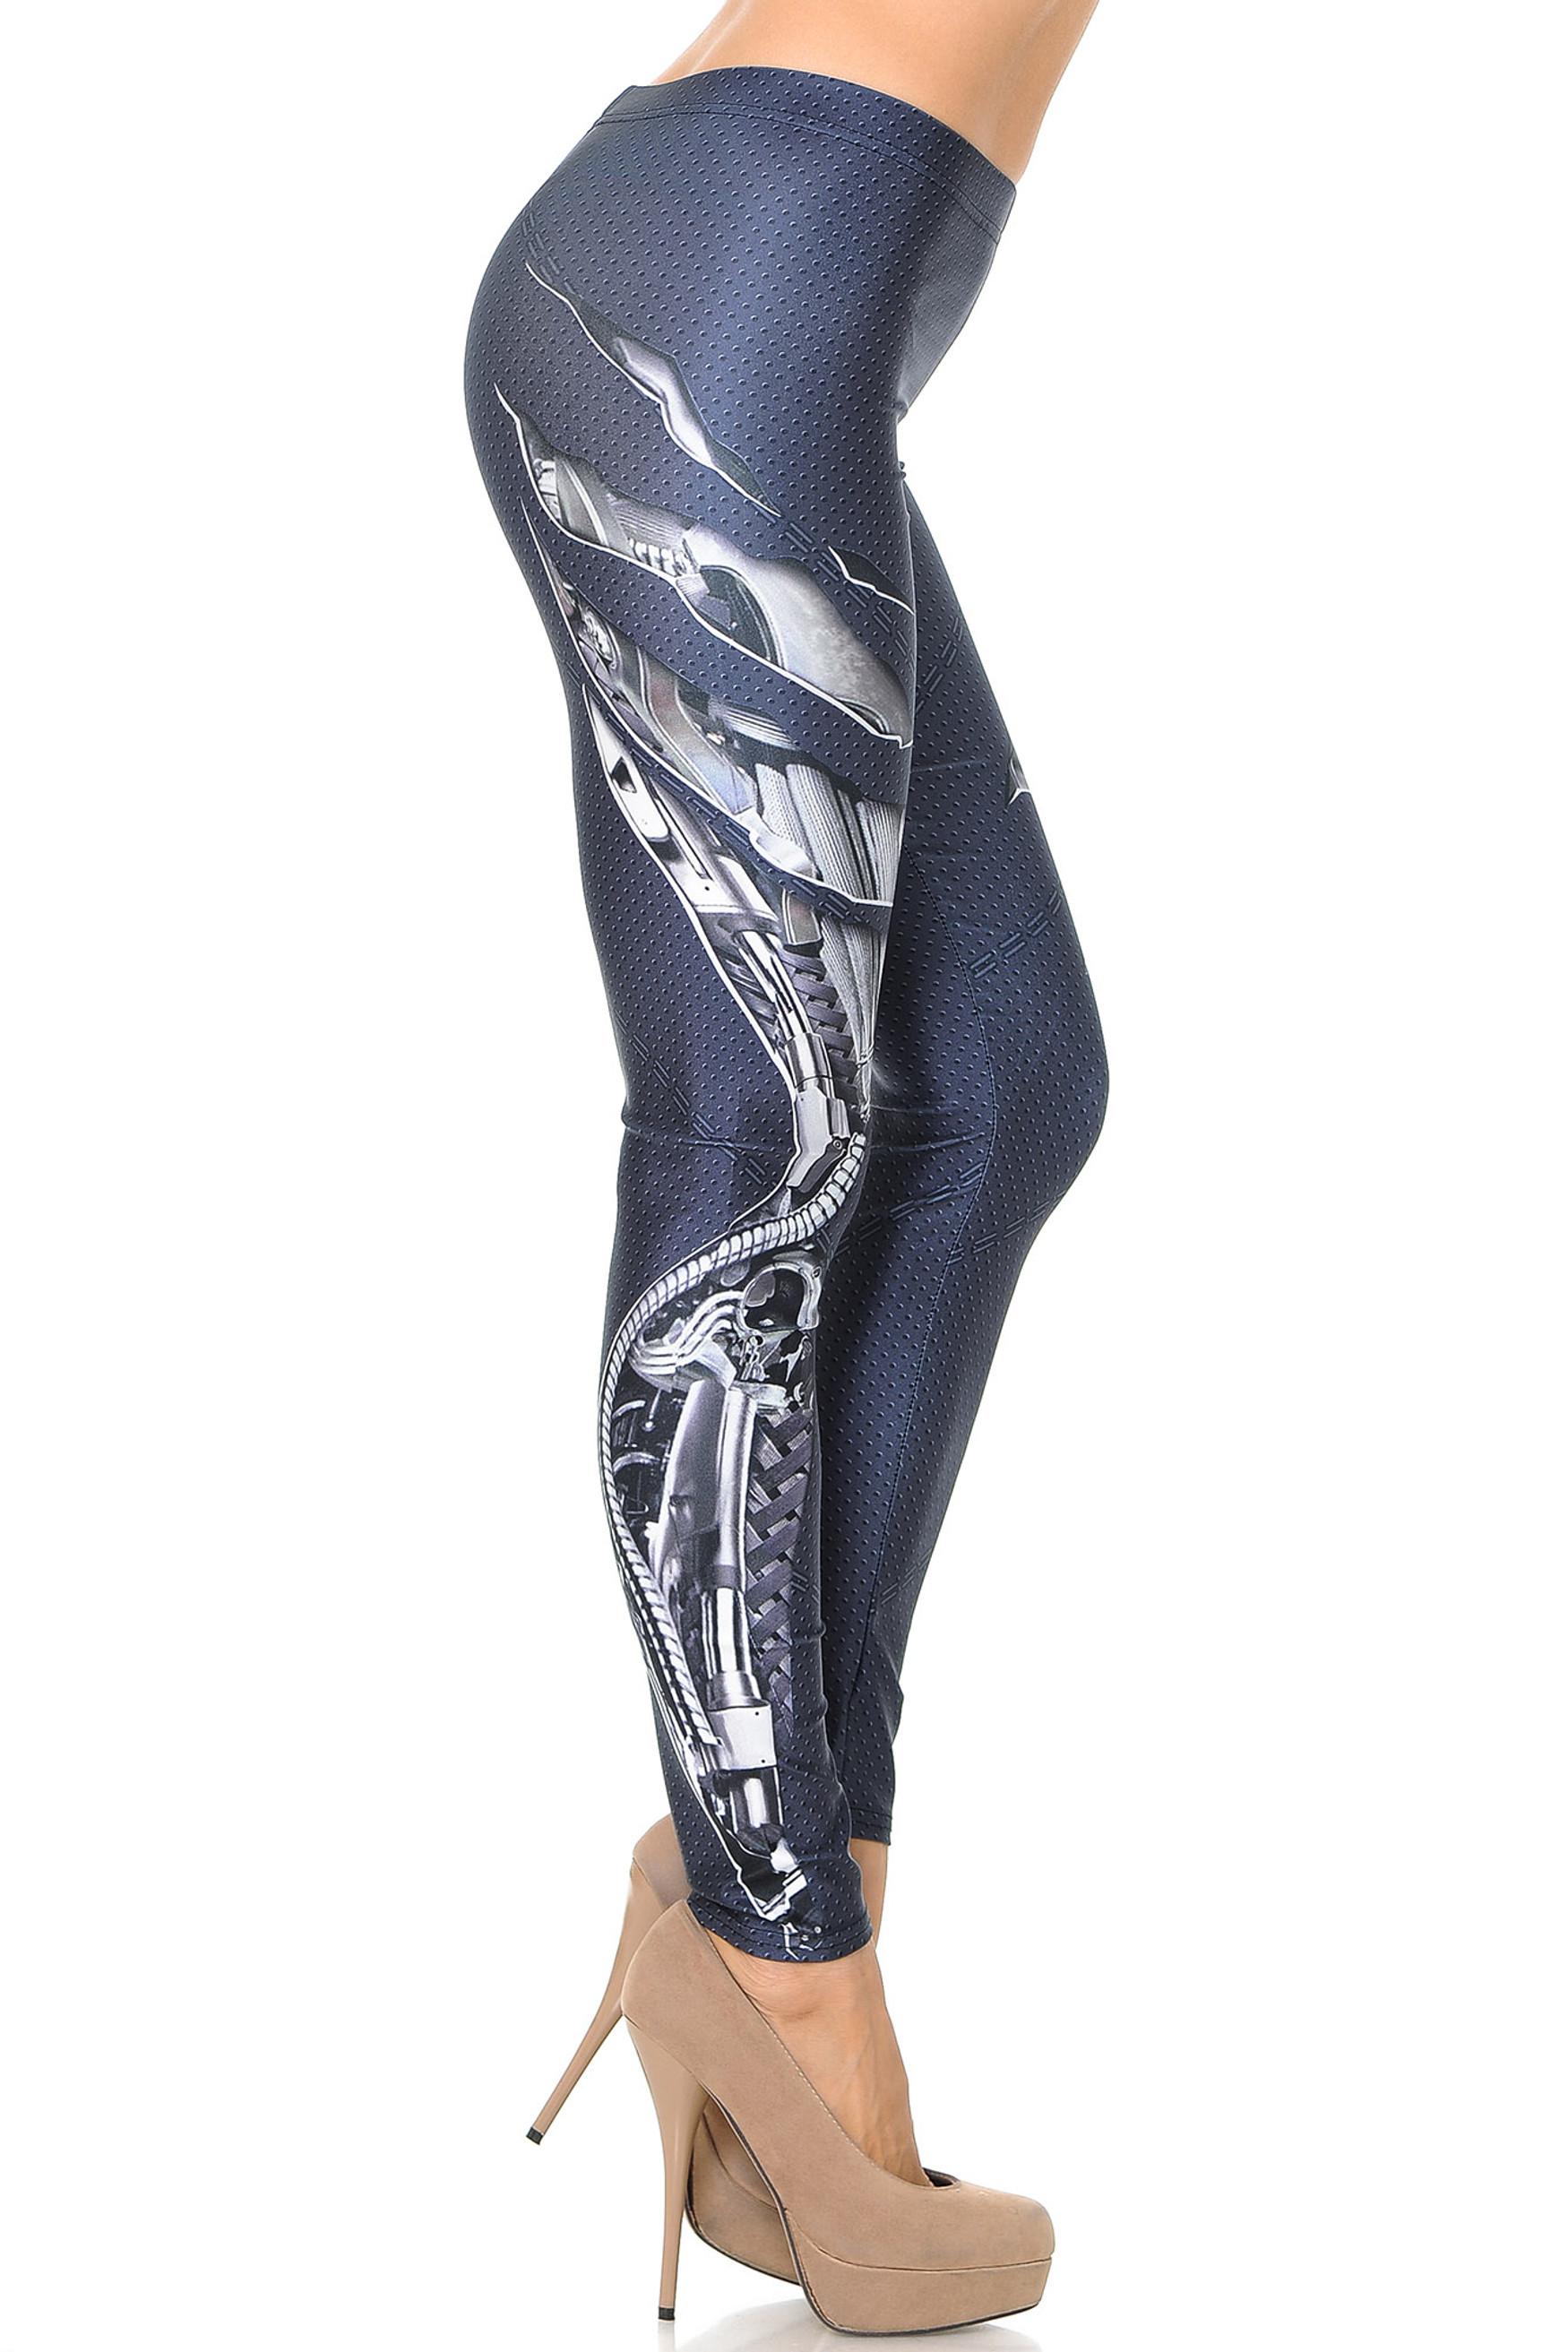 Premium Graphic Mechanized Soldier Leggings